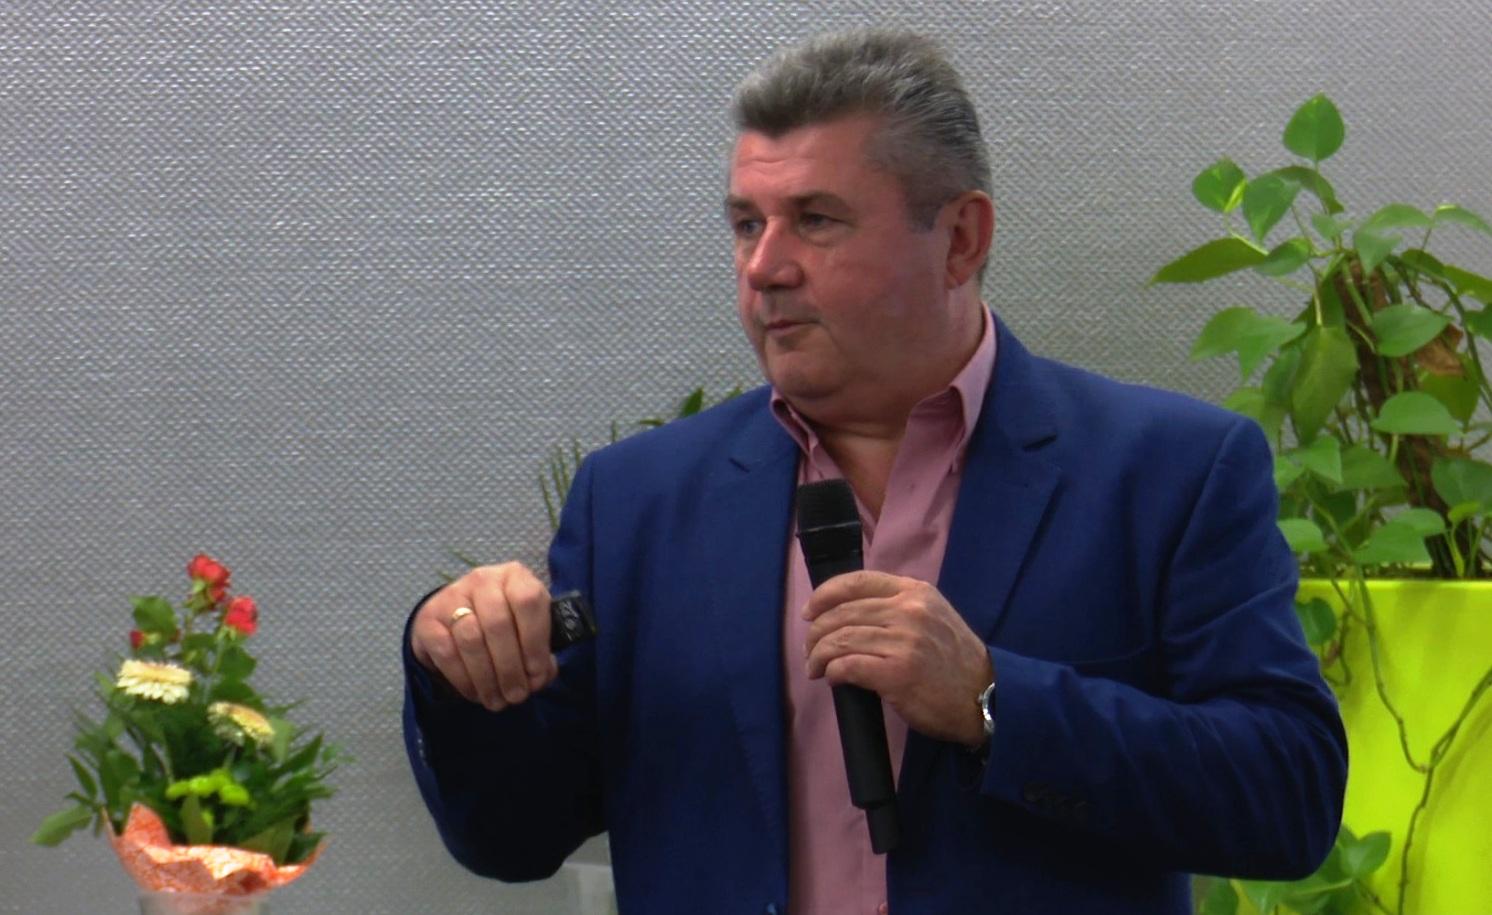 Ágvezető a marketingről - Czentlaki Zoltán átfogóan beszélt az üzleti lehetőségről